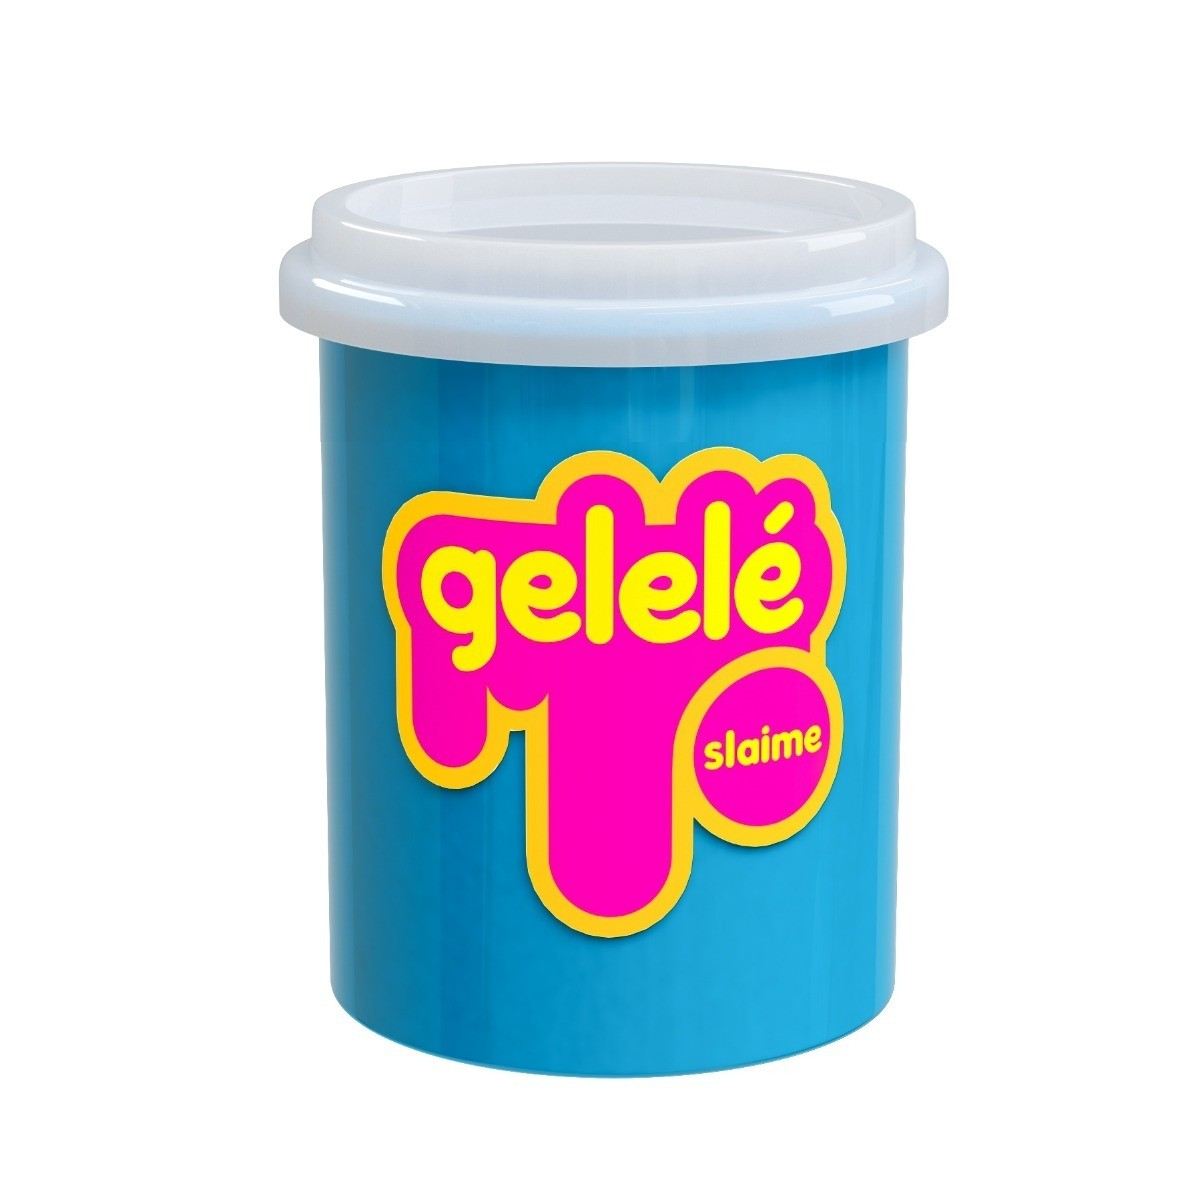 Kit Massinha Gelelé Slime c/ 4 Potes 152 g - Sortidos - Doce Brinquedos